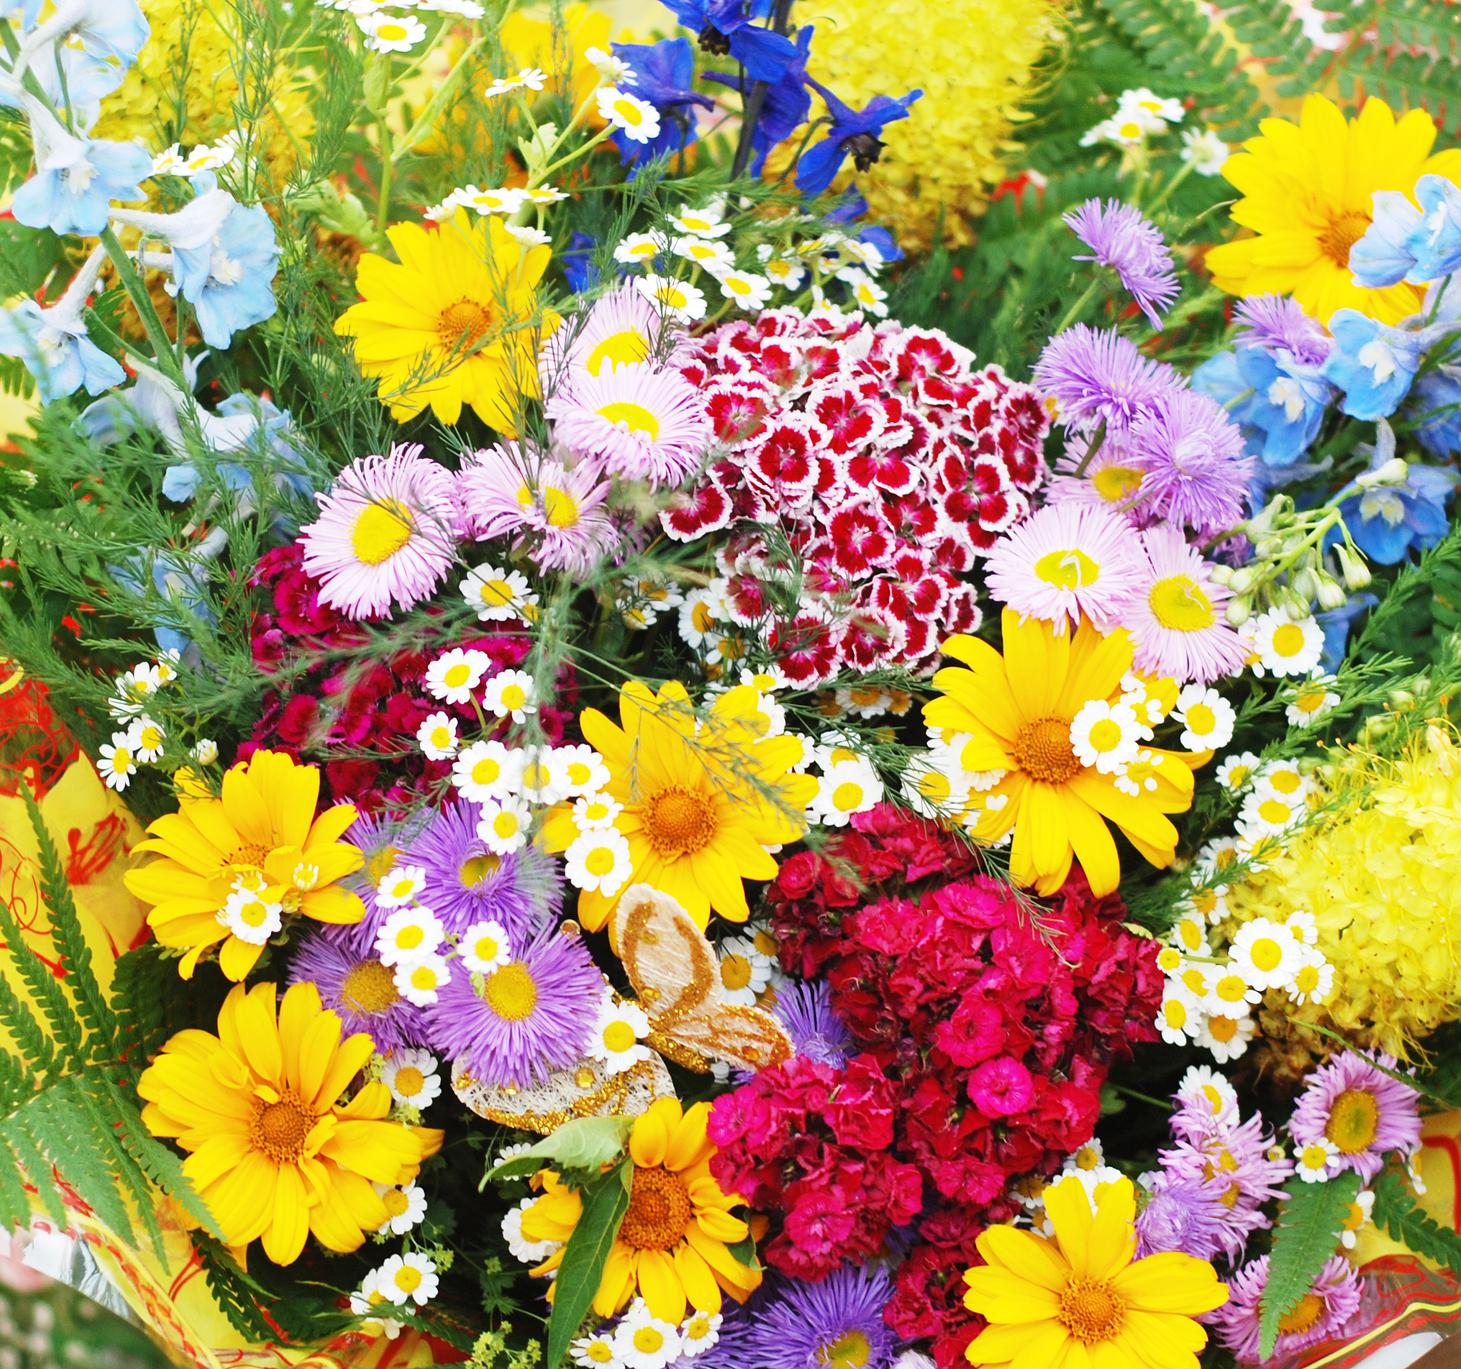 Arreglos De Flores Para Mesa en Pinterest - Fotos De Arreglos Florales Con Flores Naturales